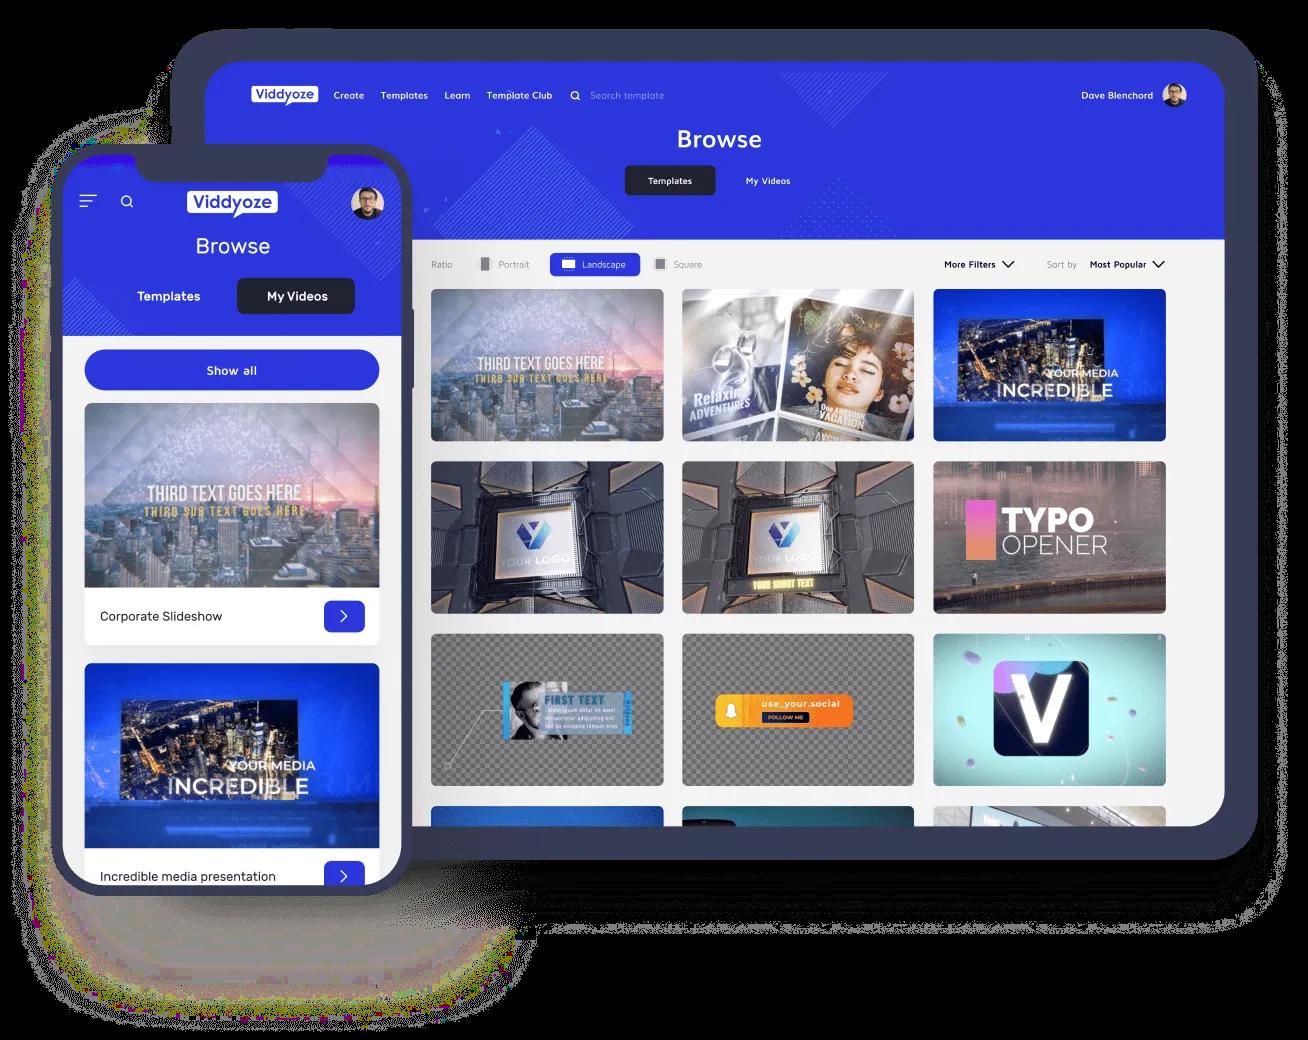 قم بإنشاء فيديو متحرك بمستوى احترافي بنفسك باستخدام Viddyoze